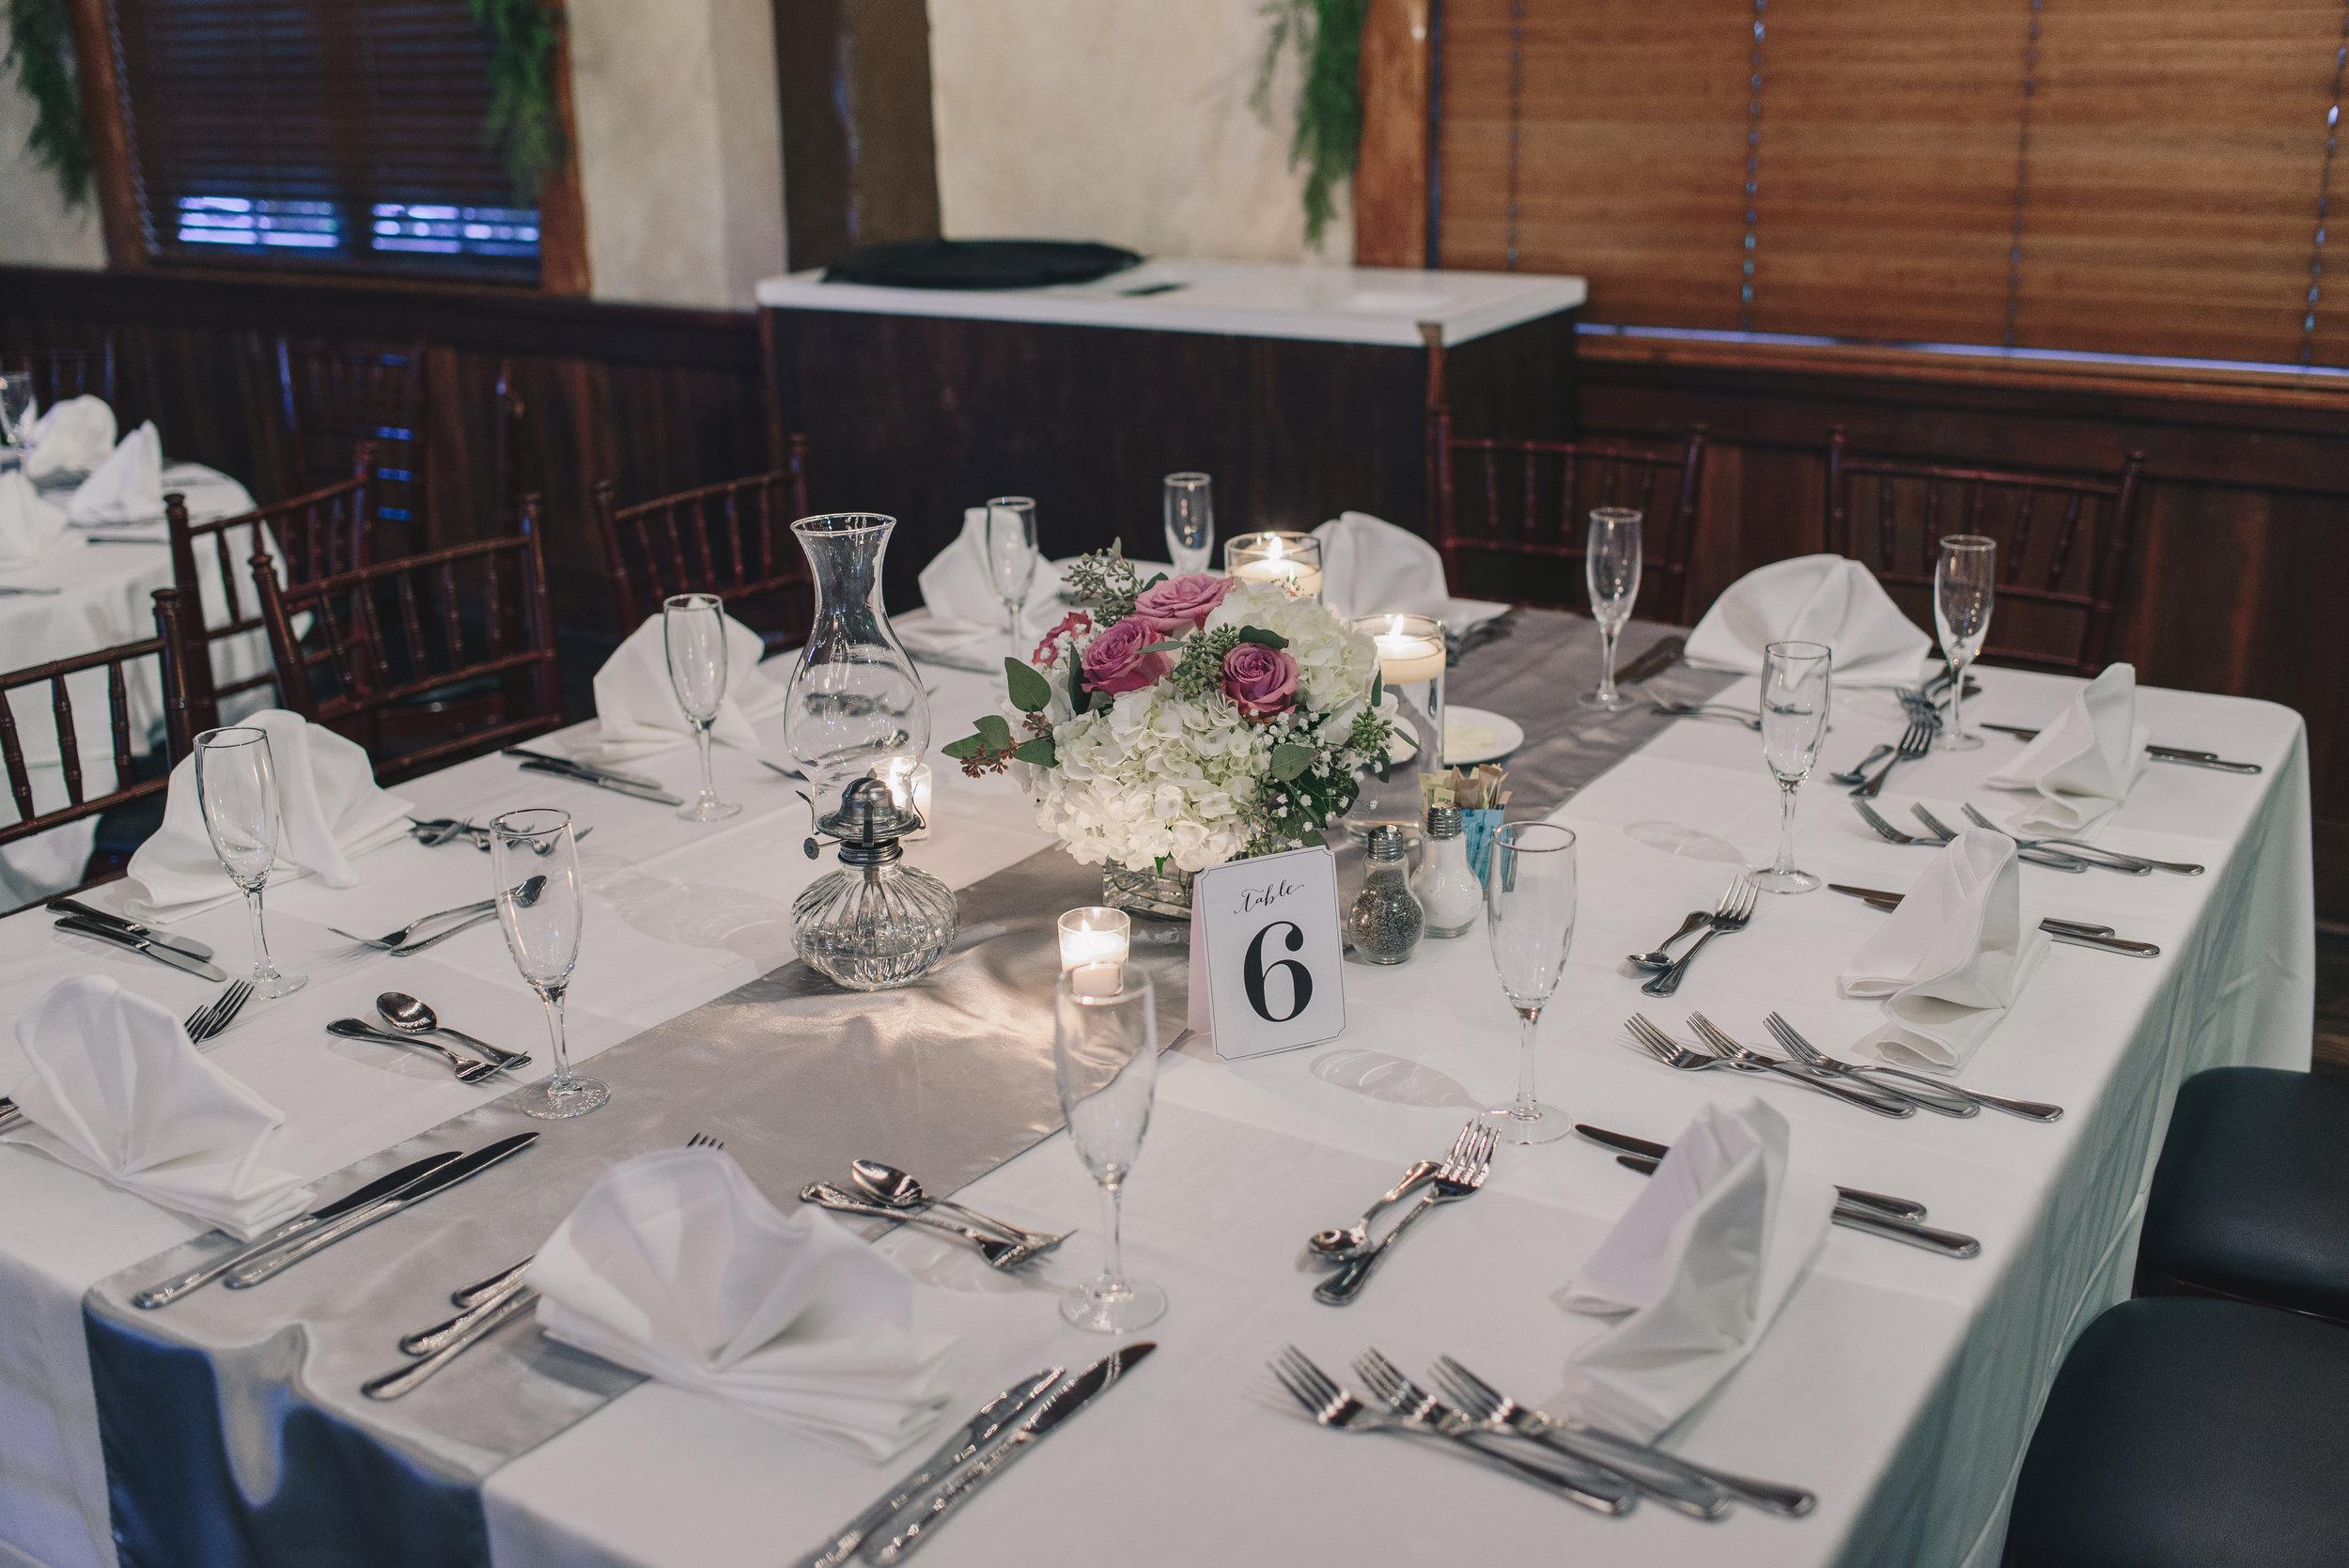 Los-Vargas-Photo-Wedding-Historic-Dubsdread-Ballroom-8550.jpg